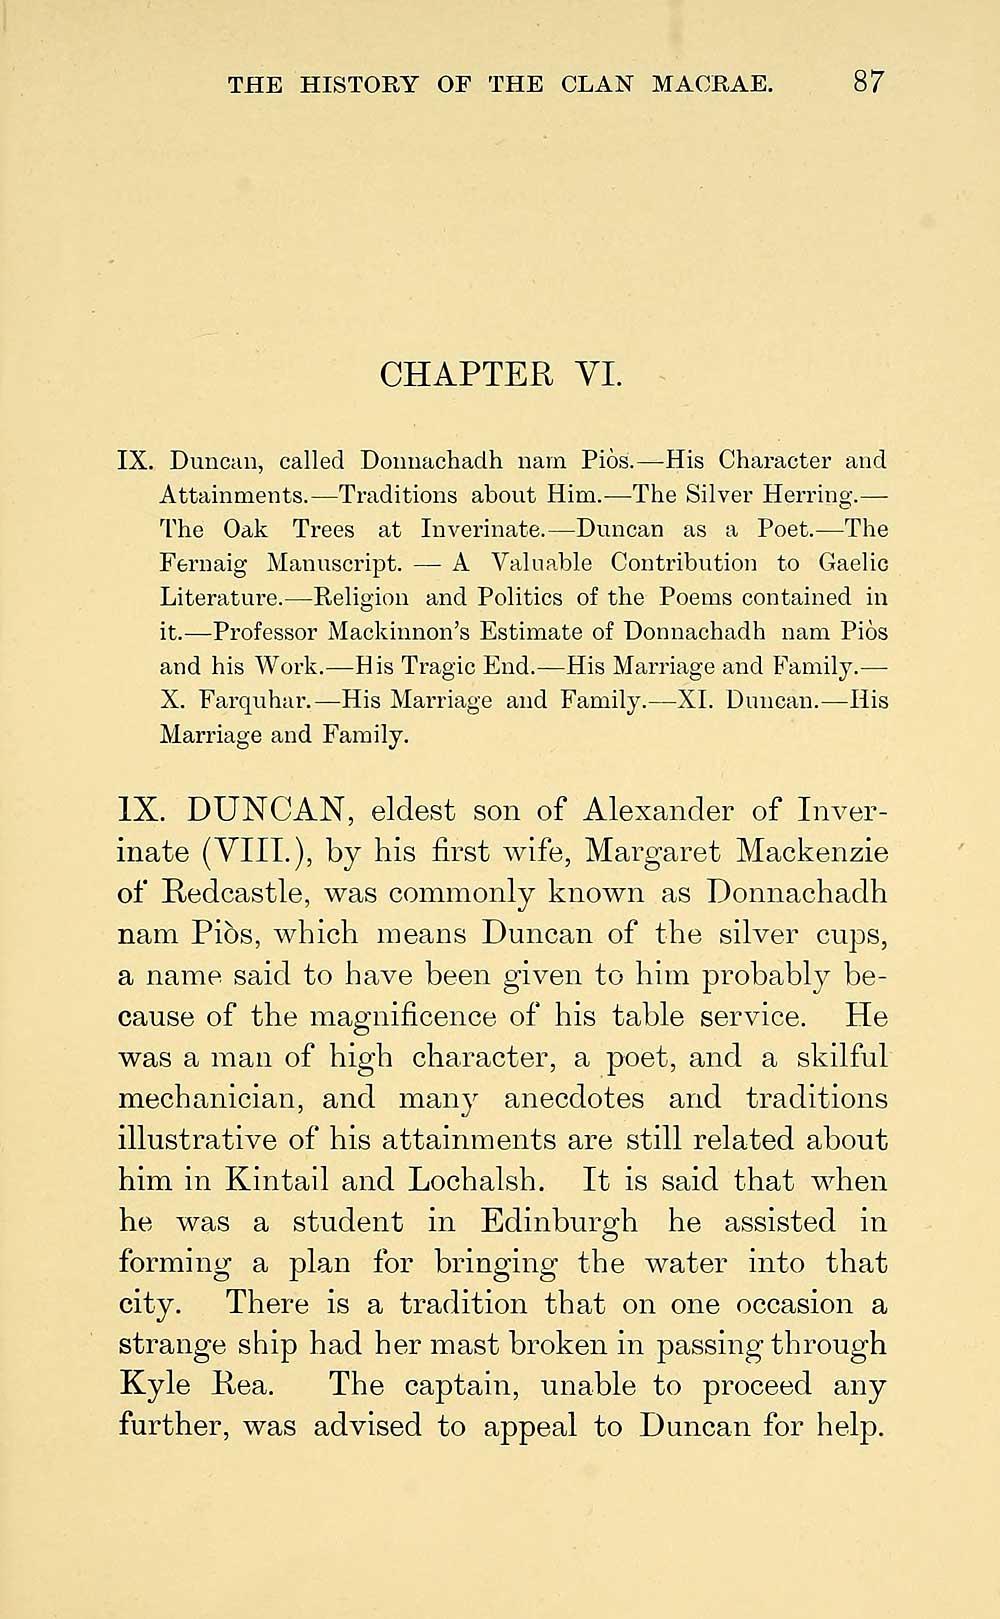 123) Page 87 - Duncan, called Donnachadh nam Piòs s